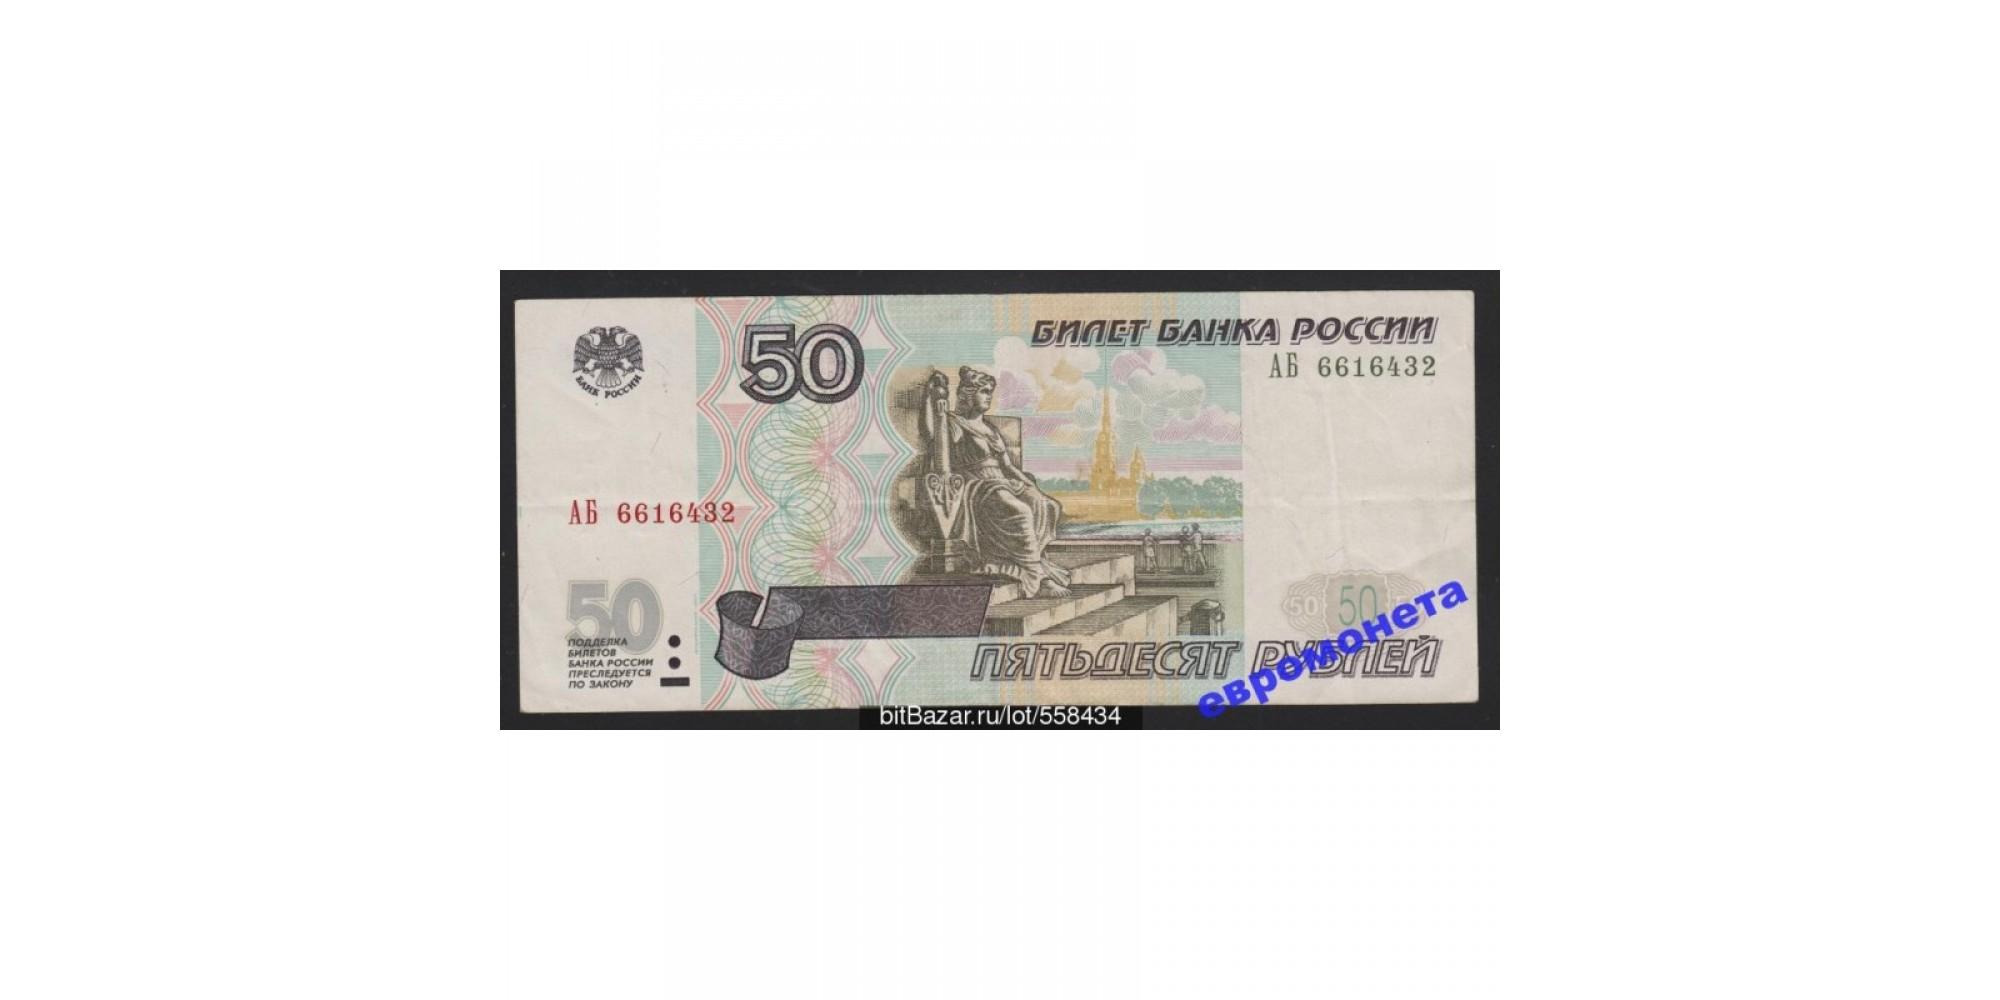 Россия 50 рублей 1997 модификация 2001 год РЕДКАЯ серия АБ 6616432